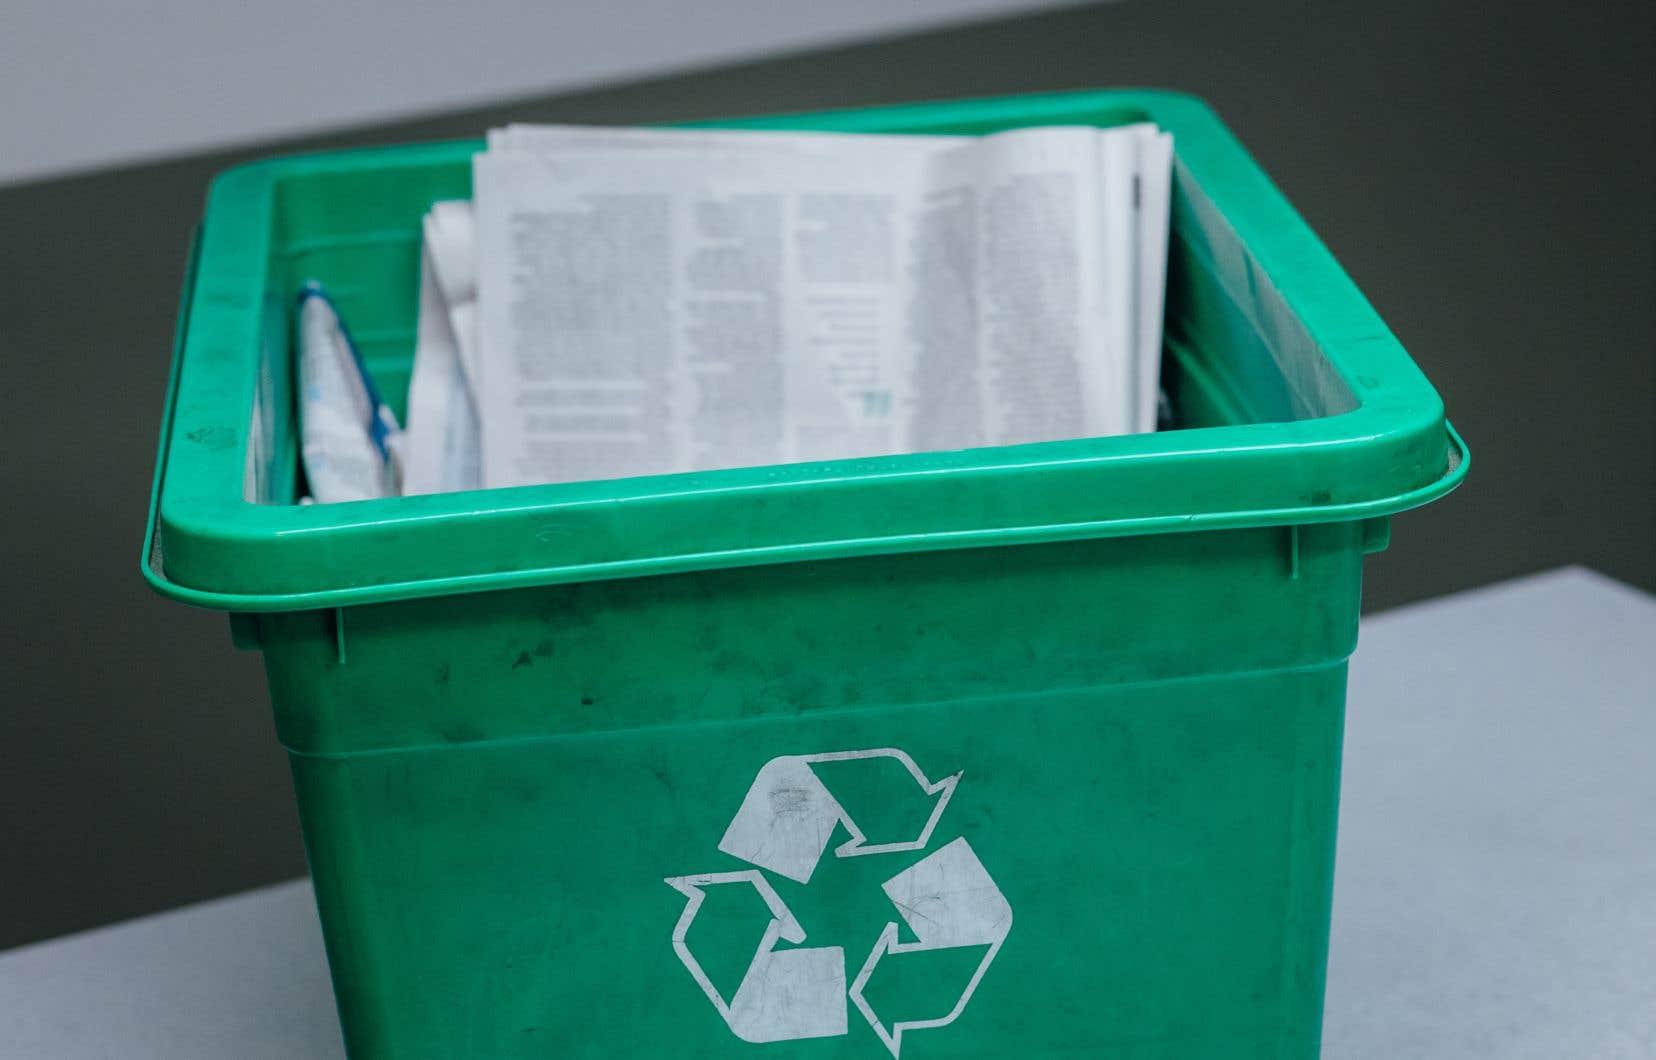 «Les recycleurs nord-américains sont en grande majorité des producteurs de carton, et il y a de moins en moins de recycleurs de papier», relèvent les auteurs.